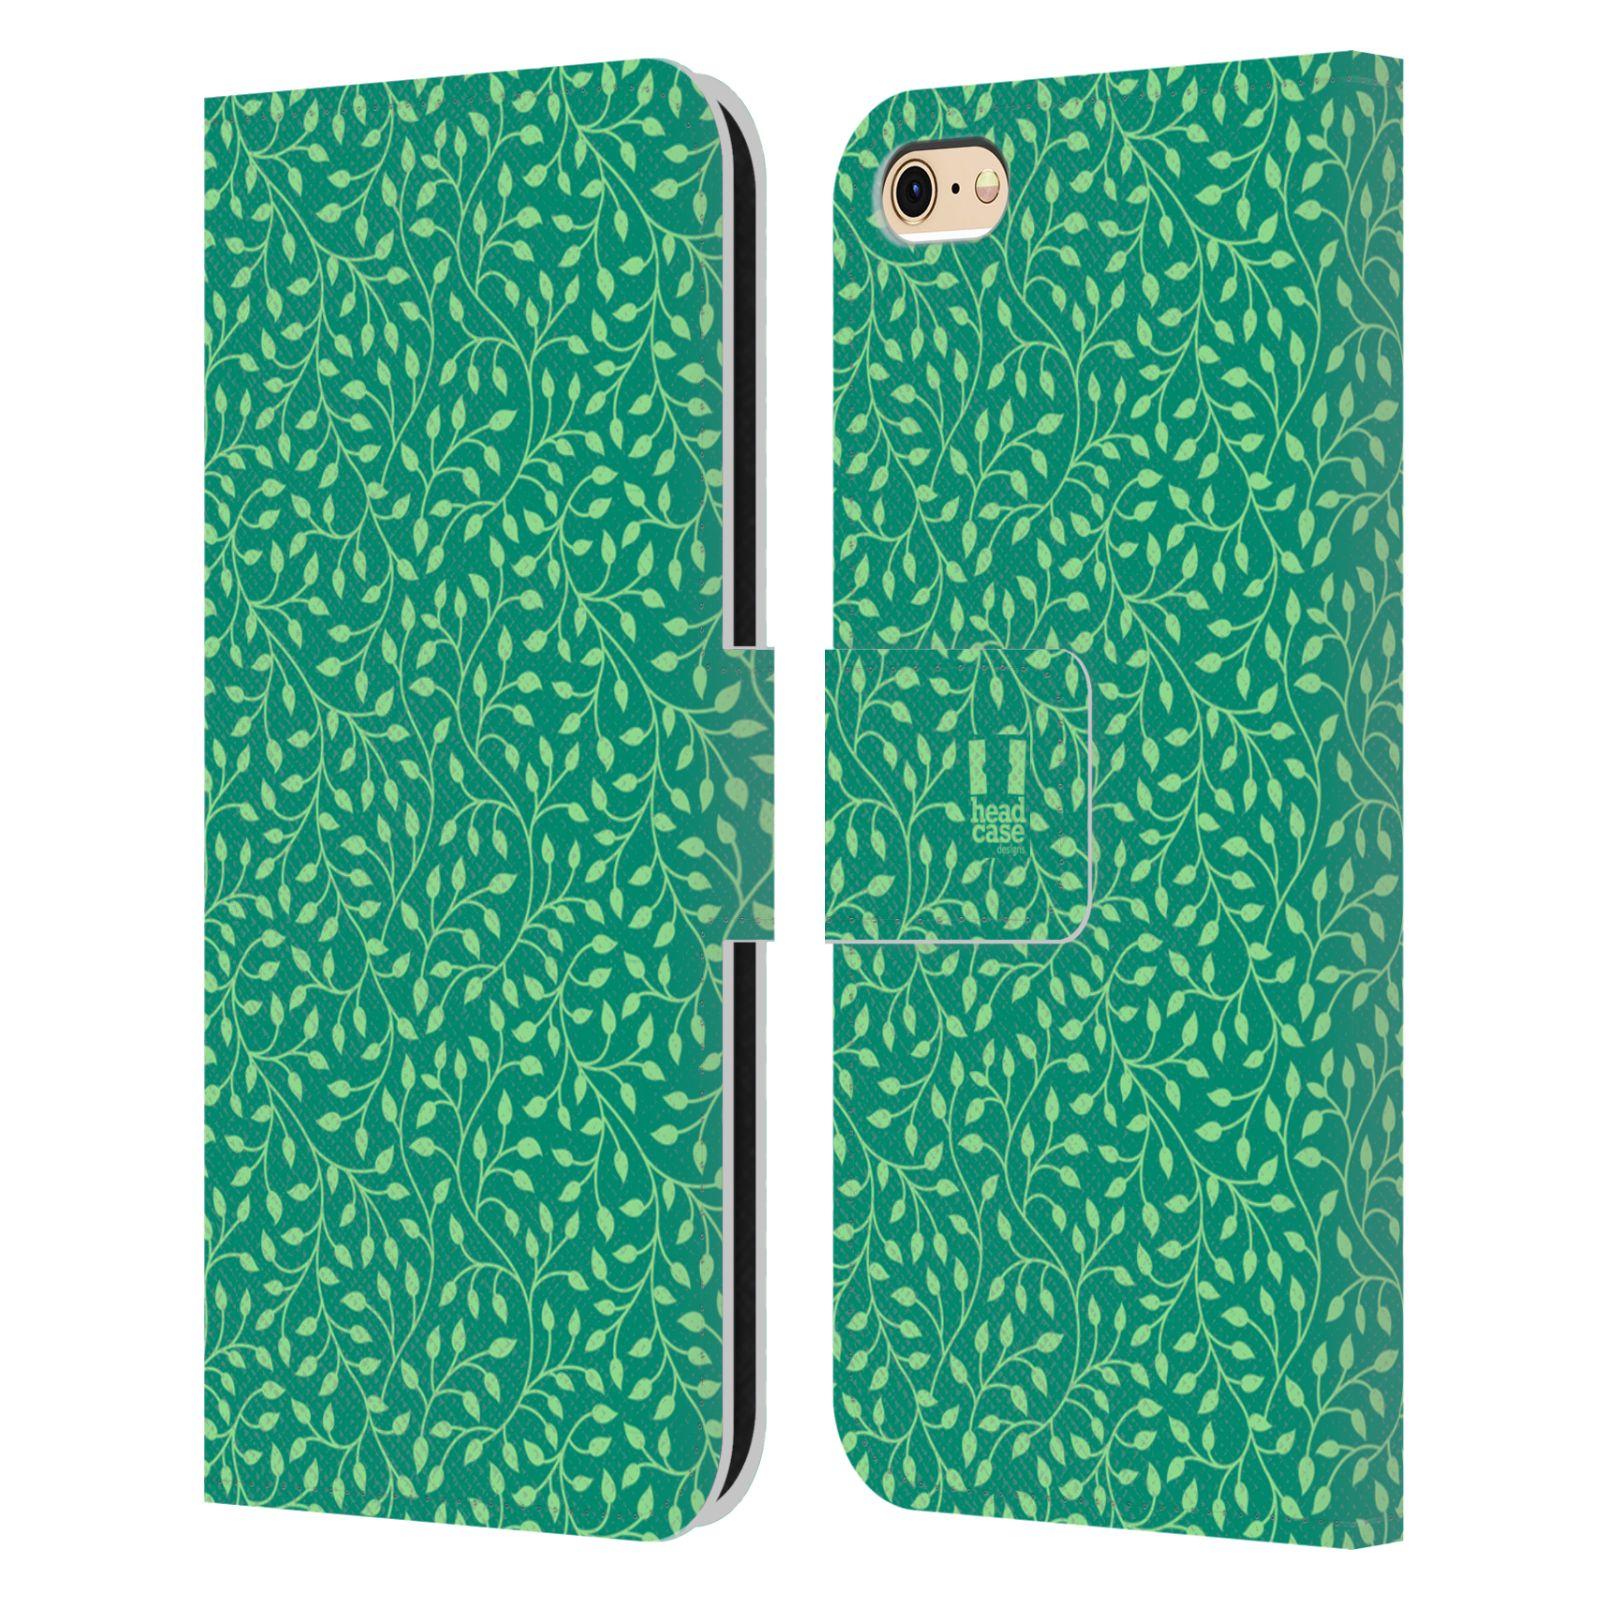 HEAD CASE Flipové pouzdro pro mobil Apple Iphone 6/6s vzory listy zelená mentol